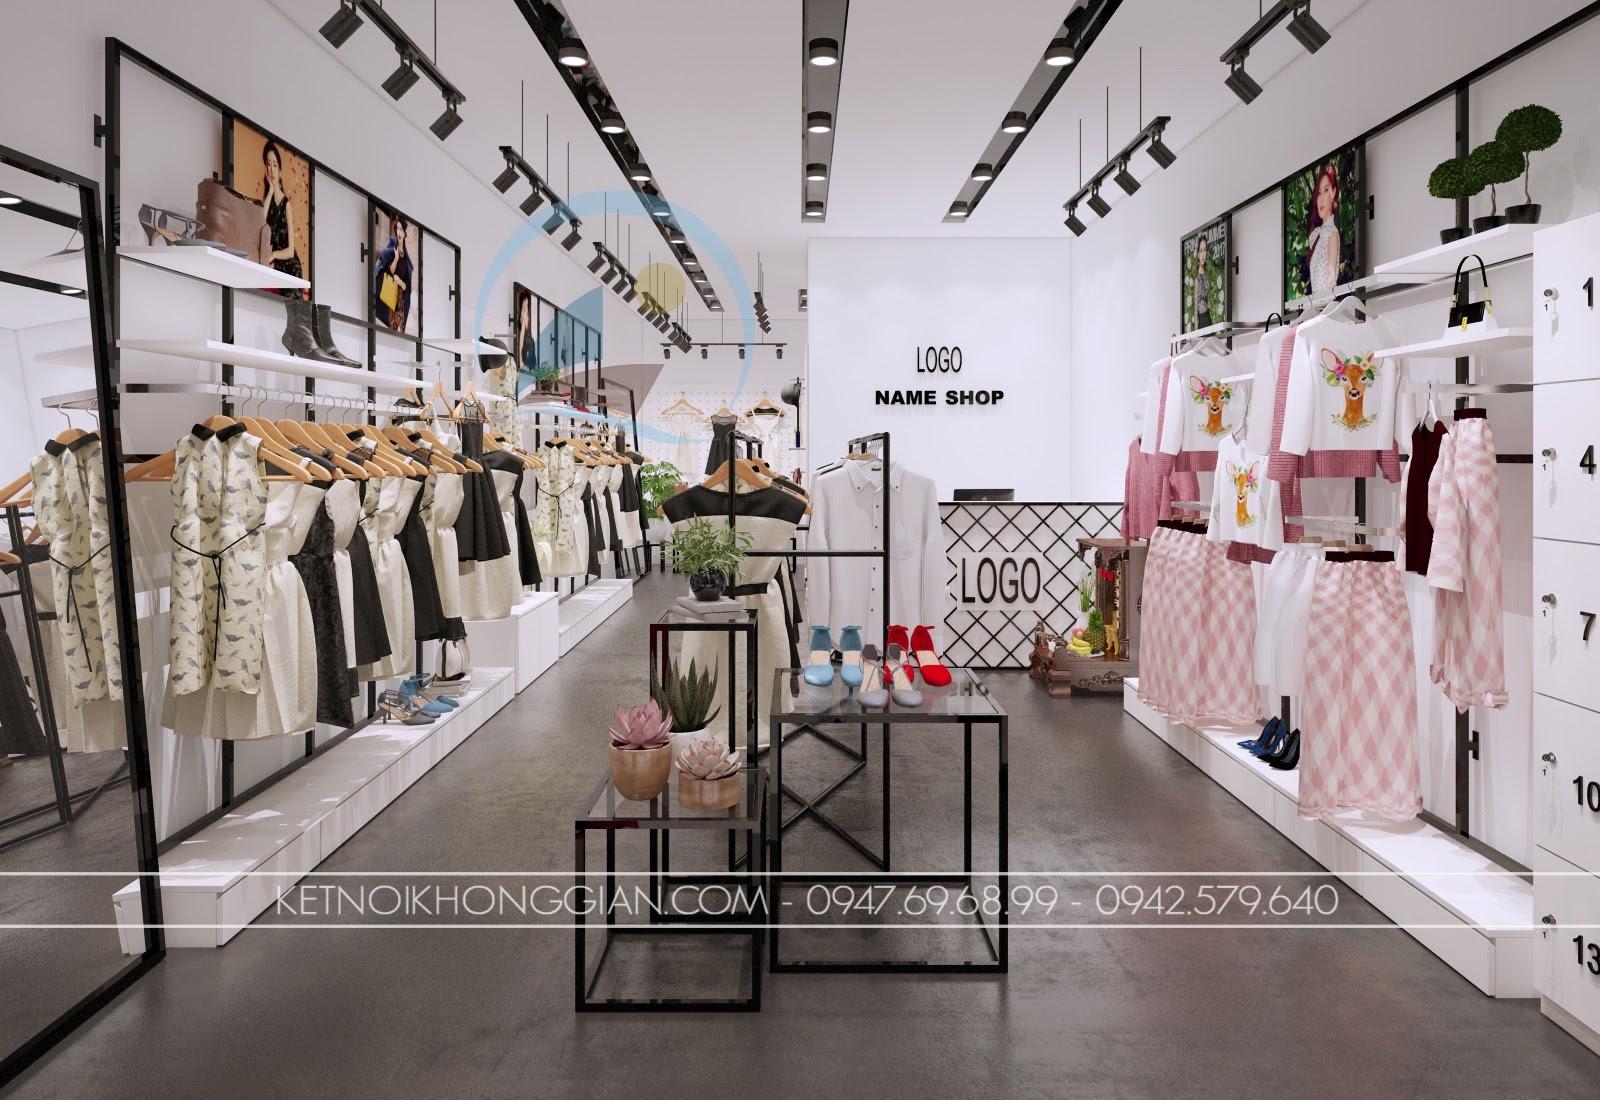 thiết kế shop thời trang giá rẻ hiện đại